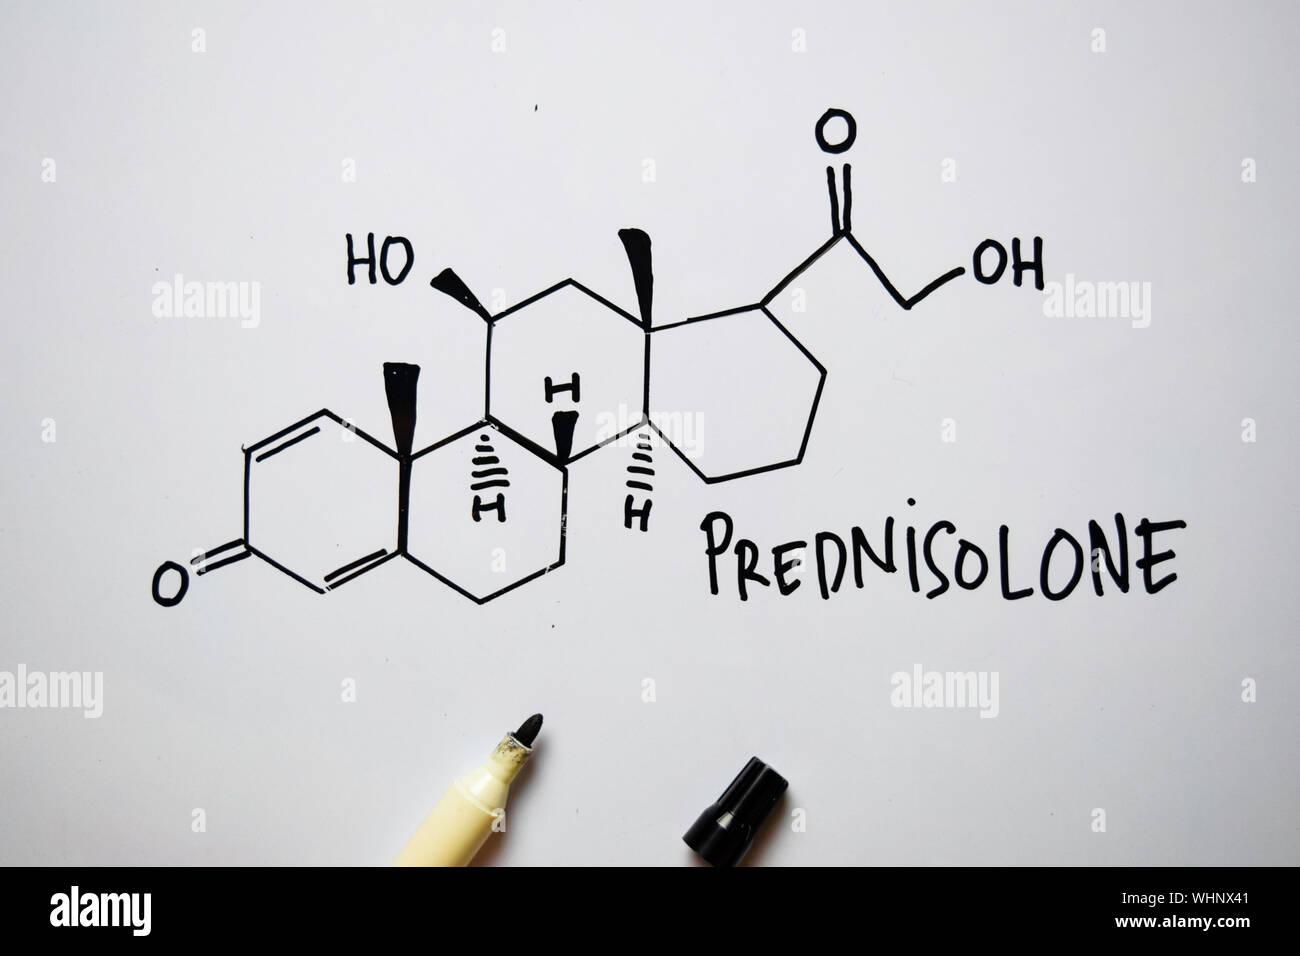 Molecule Prednisolone Ecrit Sur Le Tableau Blanc Formule Chimique Structurels Concept De L Education Photo Stock Alamy